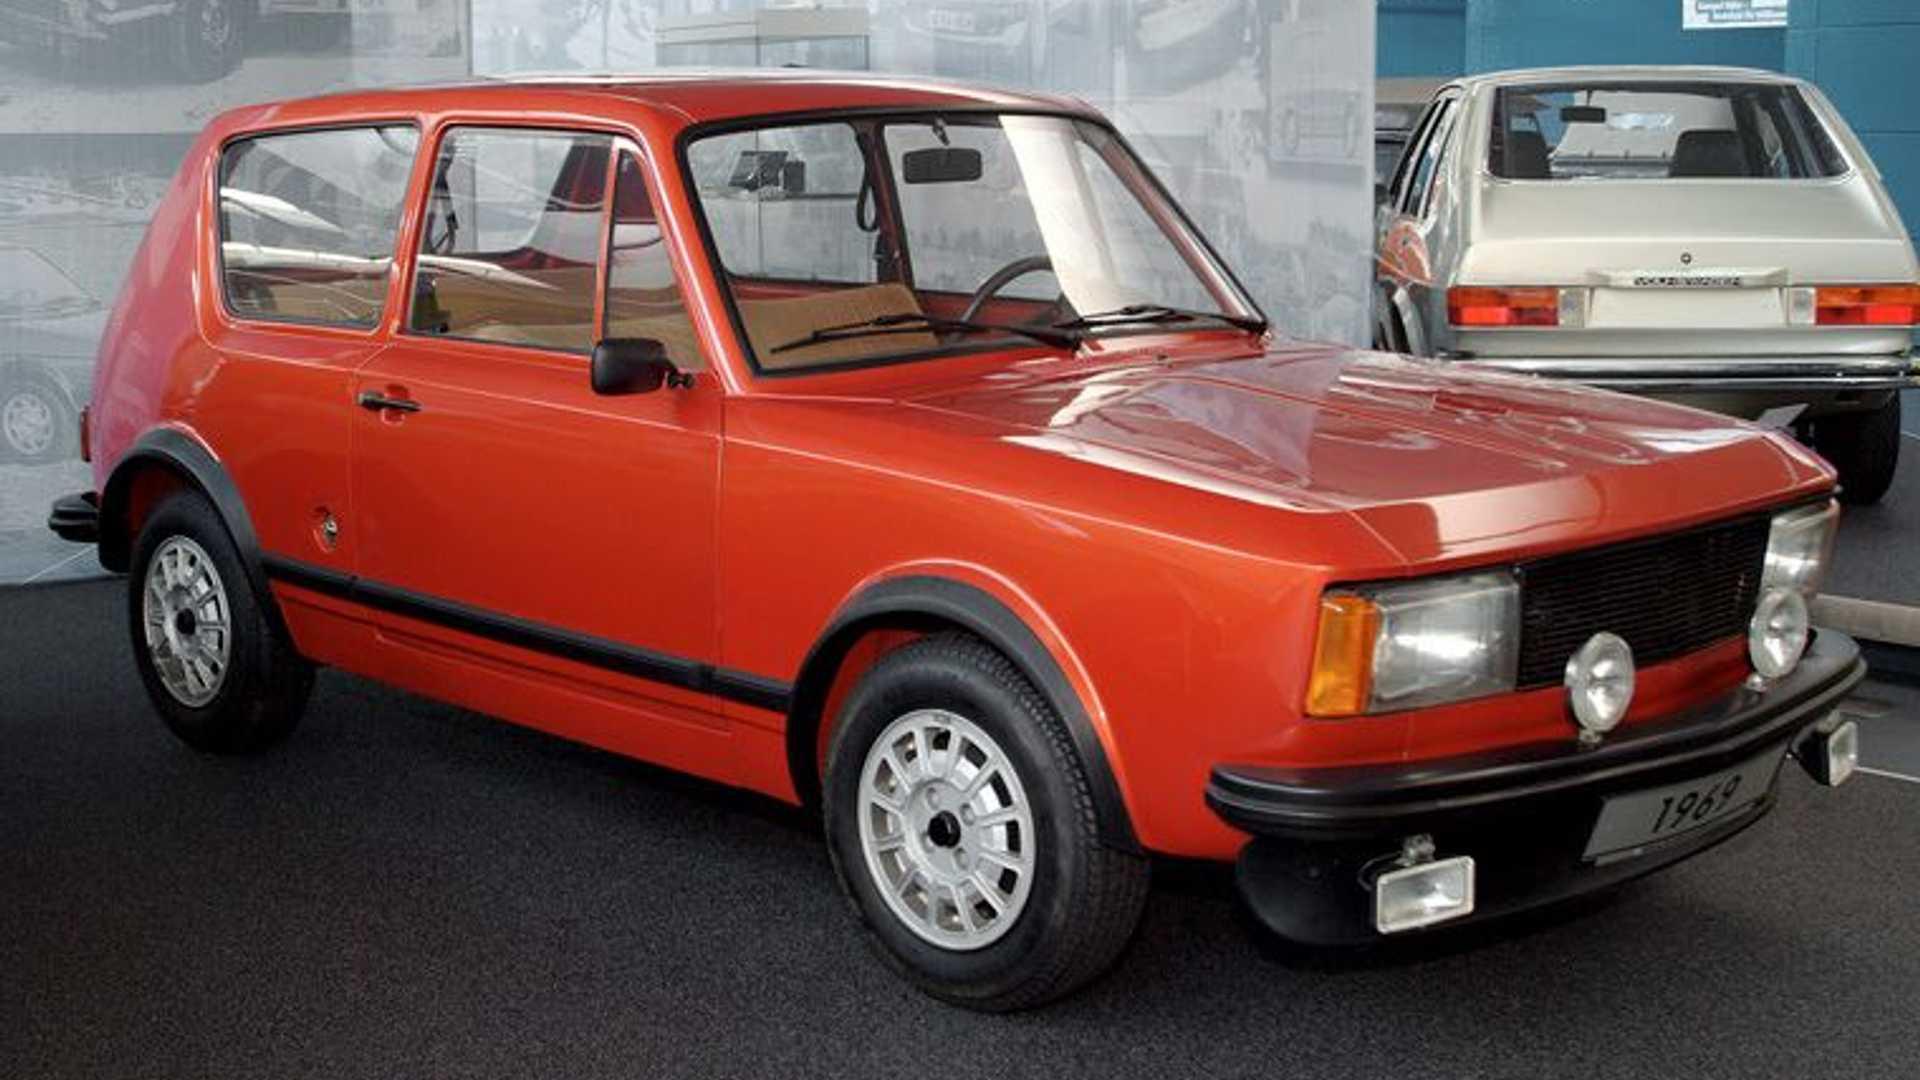 vw-beetle-replacement-prototype-1969-ea276